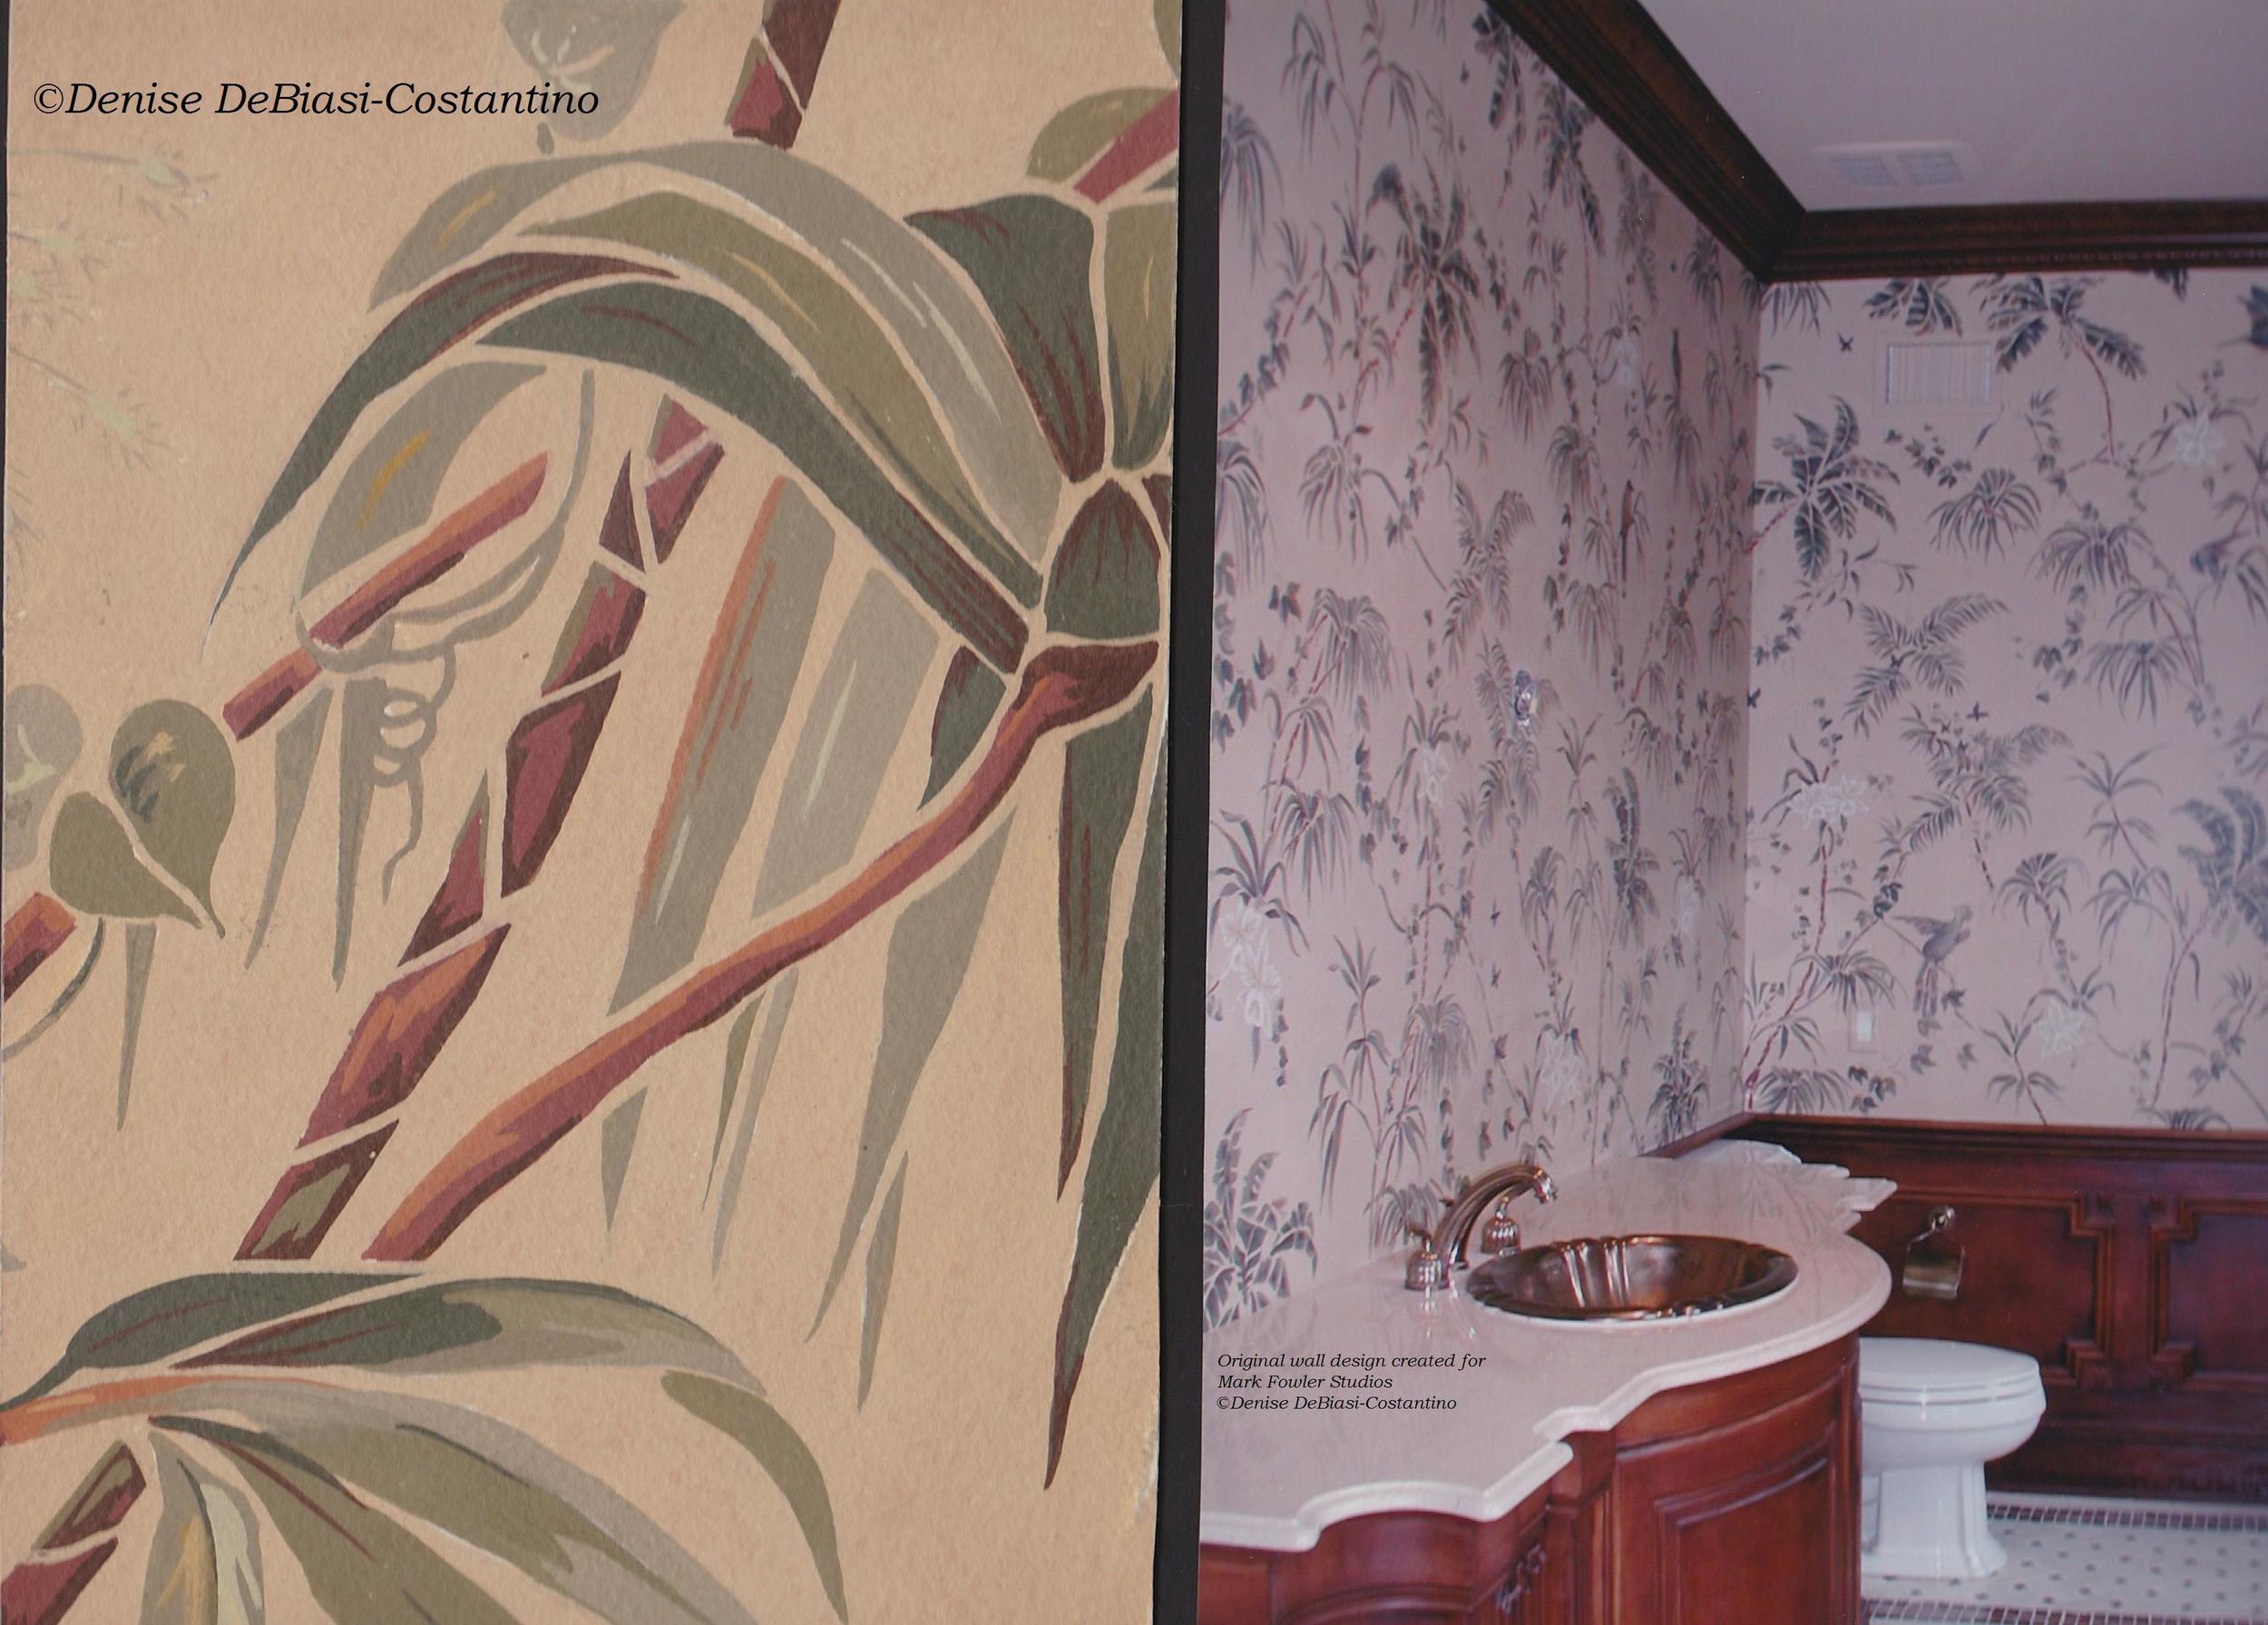 bird bathroom design.jpg